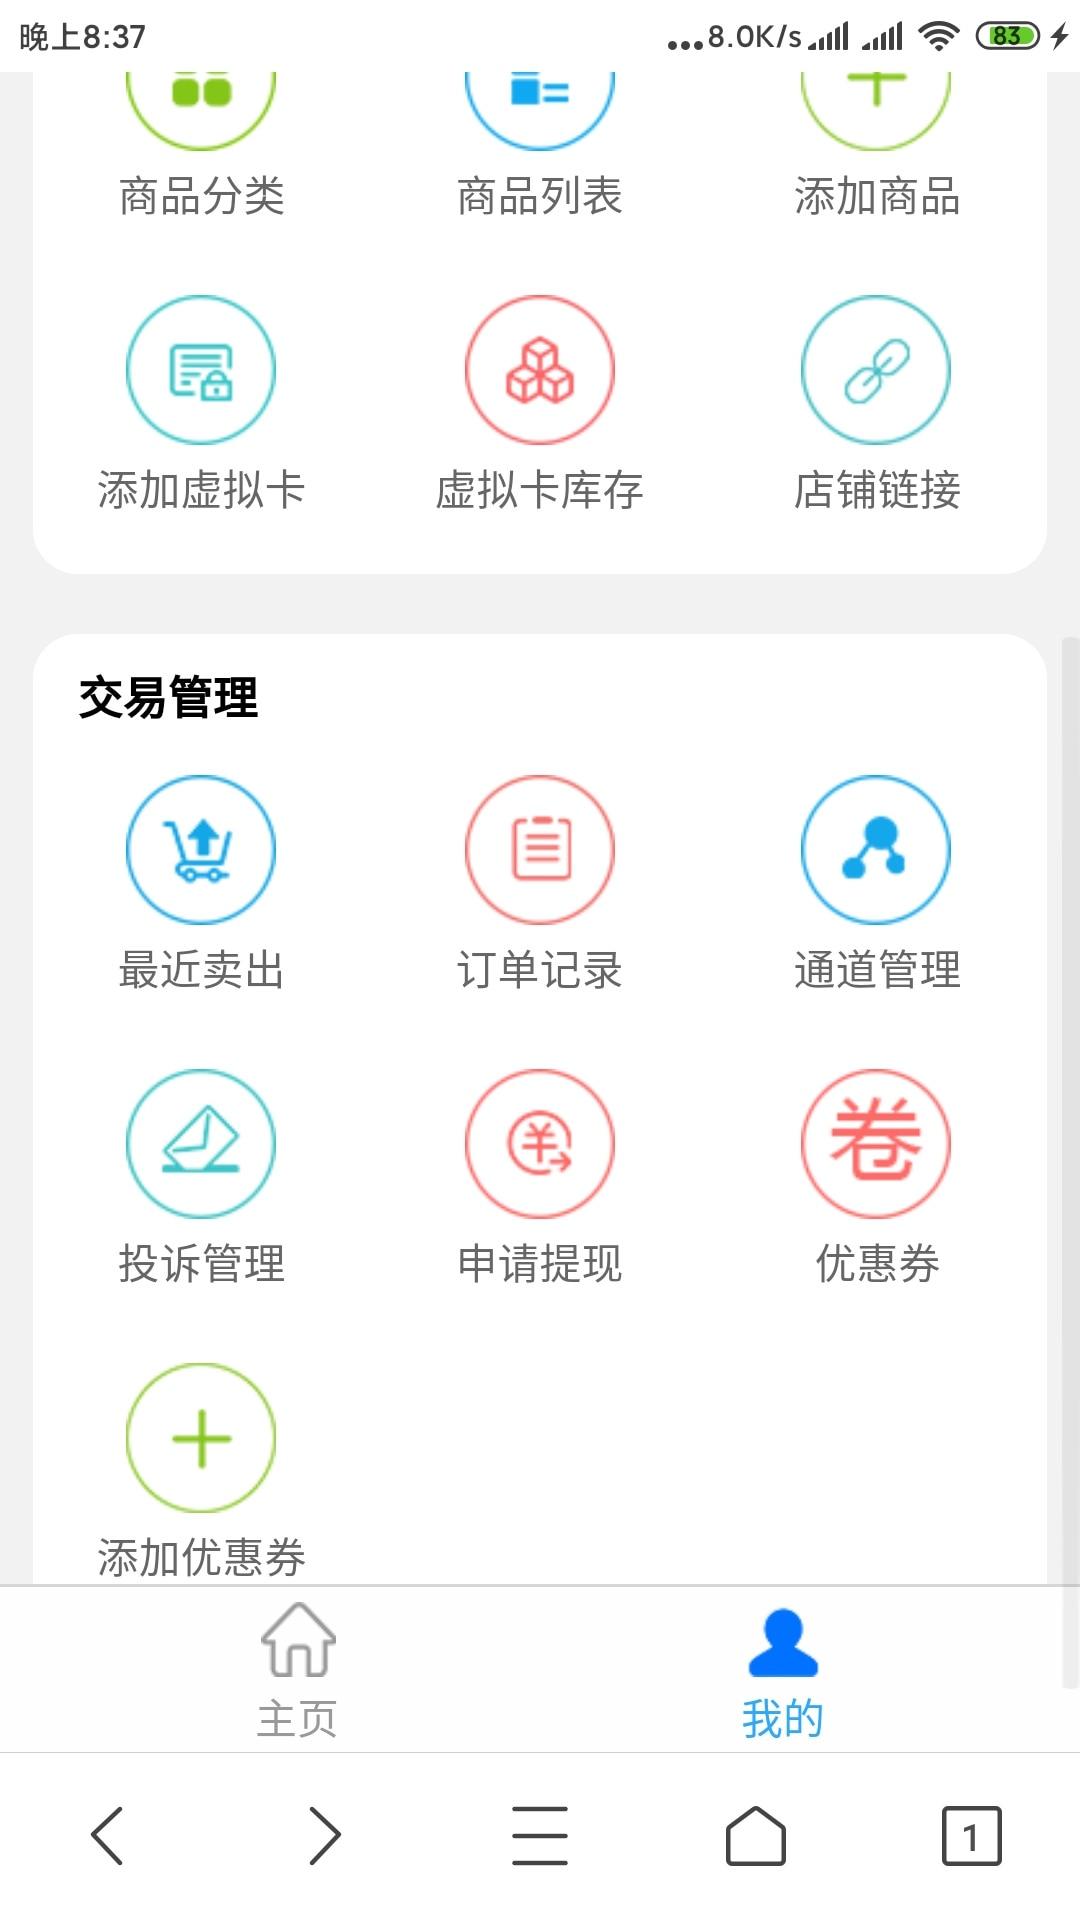 [易支付发卡系统]2020最新版企业发卡网站源码可直接对接易支付系统